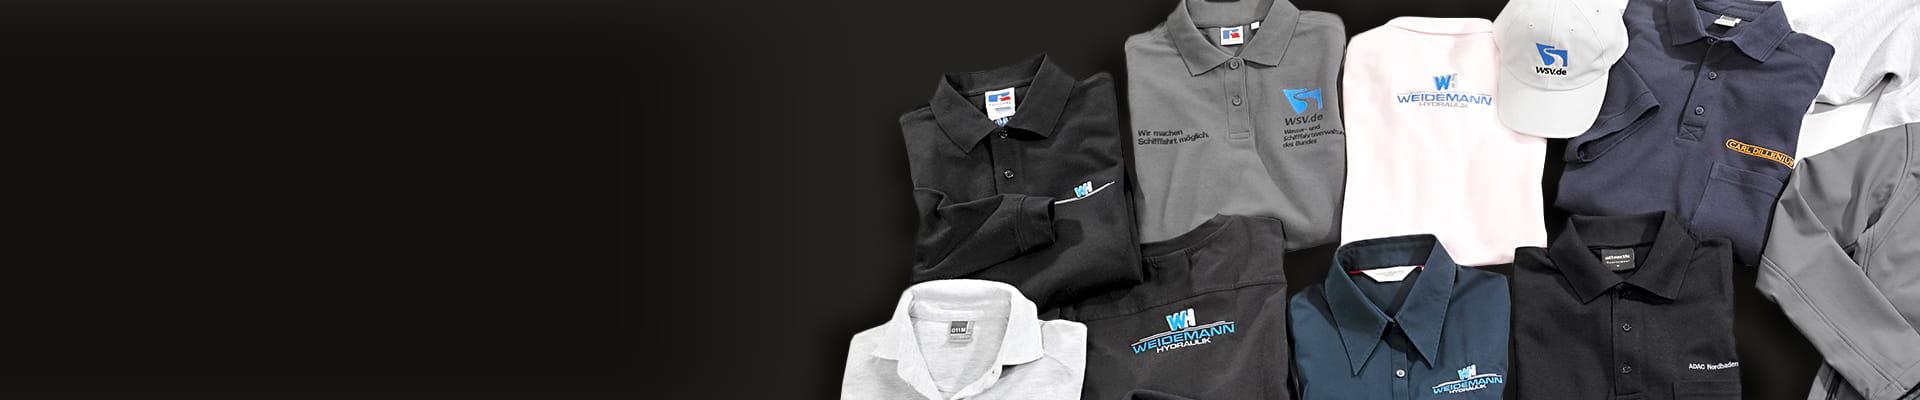 designer fashion 924c7 9b9e5 Textil Druck | Sportbekleidung bedrucken | Pforzheim - SPORT ...